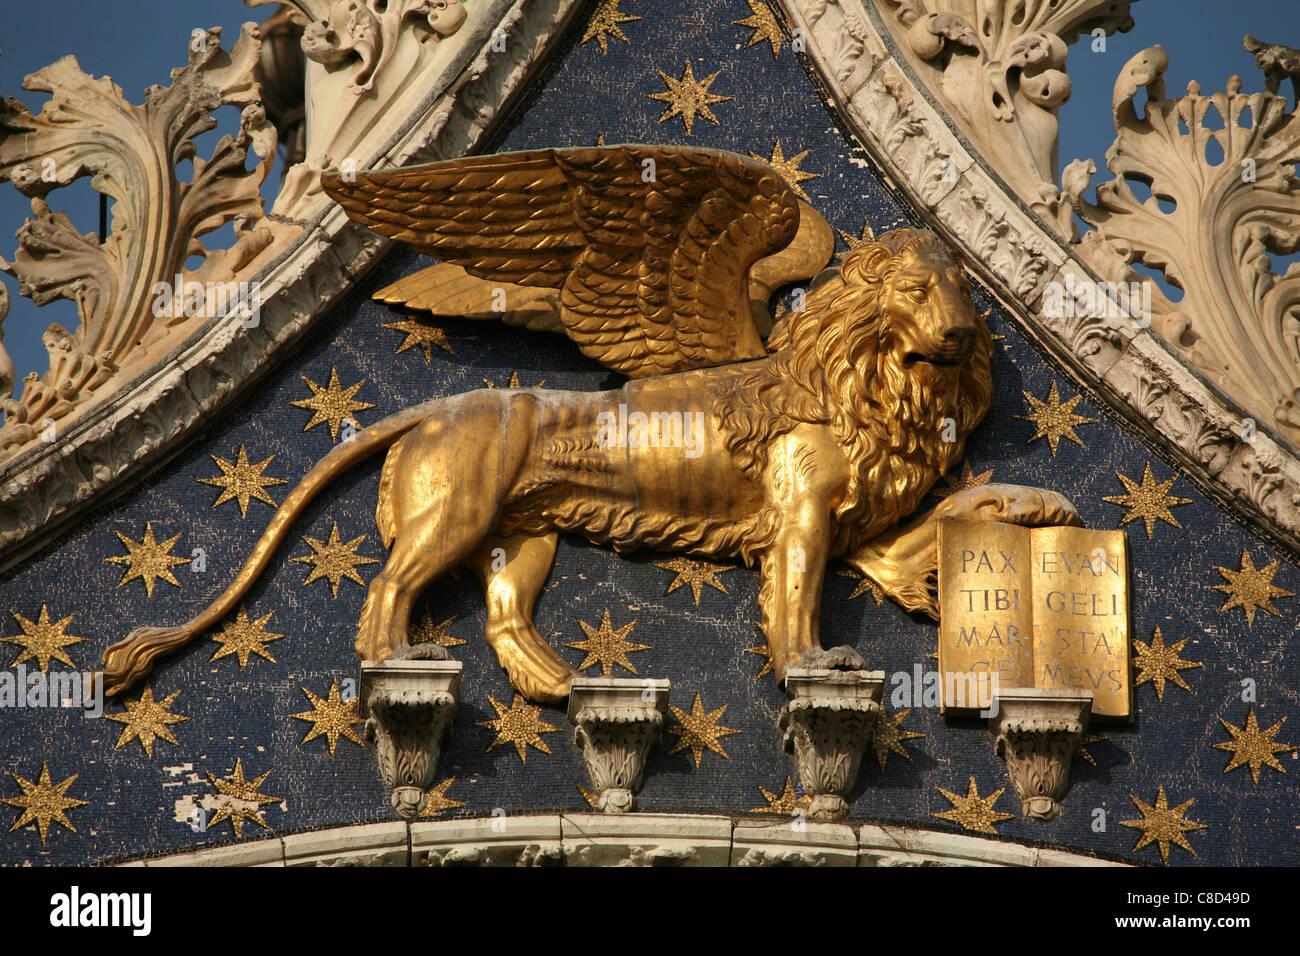 El león de San Marcos, por encima de la puerta principal de la Basílica de San Marcos en la Plaza de San Marcos en Venecia, Italia. Foto de stock